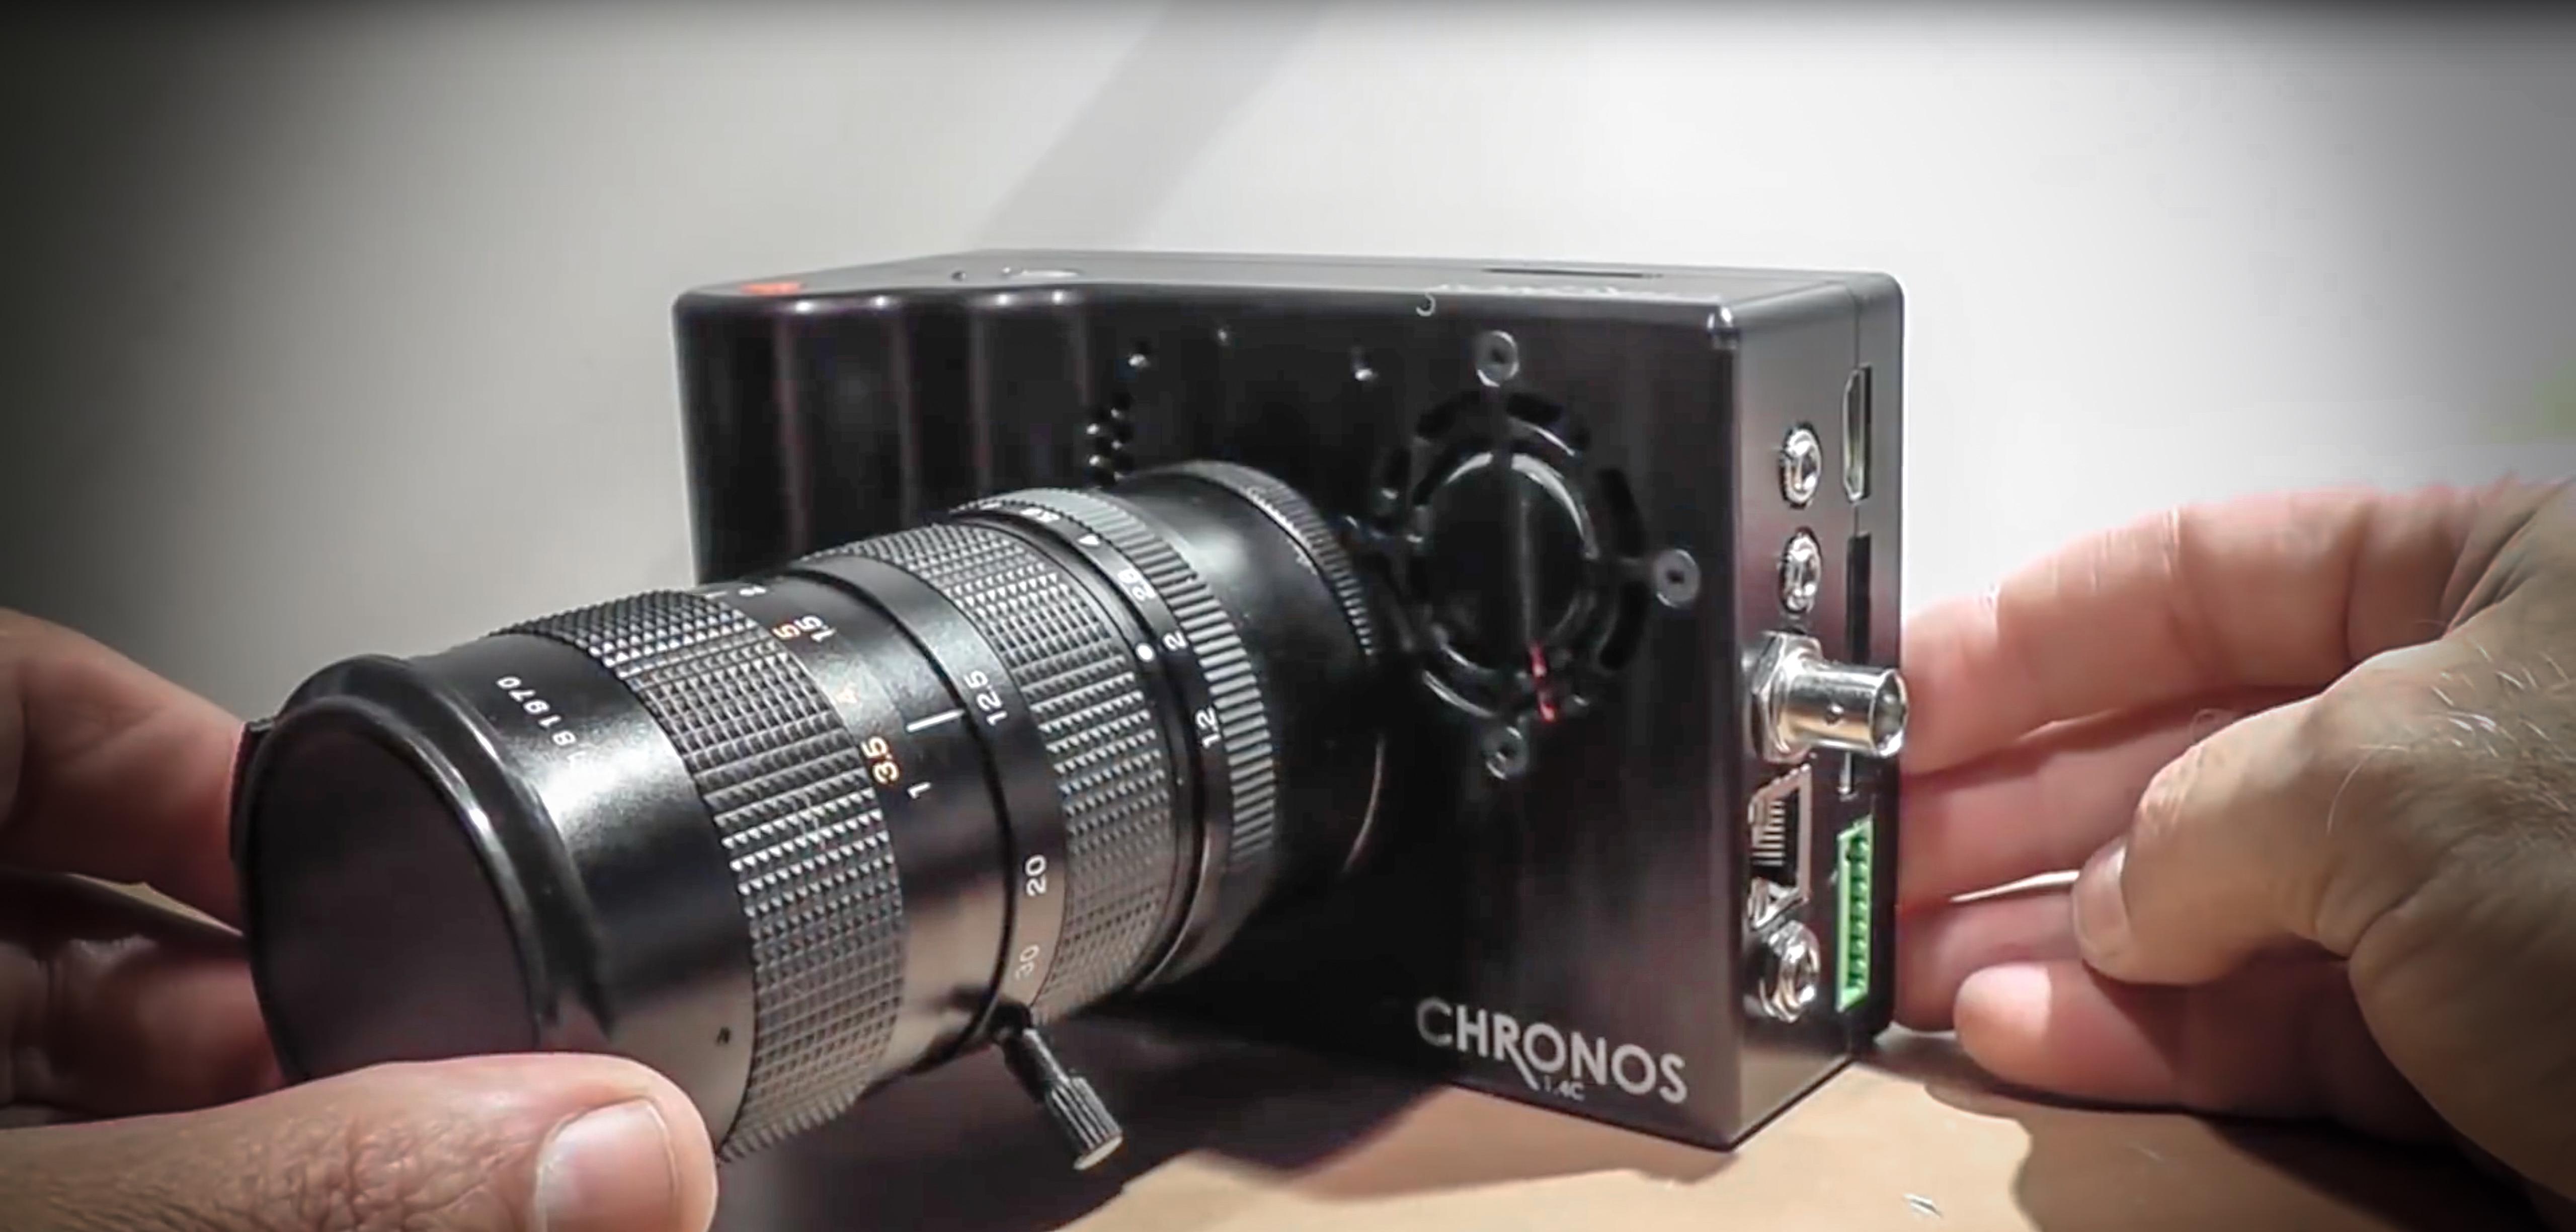 Chronos1.4 — 1050fpsの高速撮影で安価にスローモーションを実現